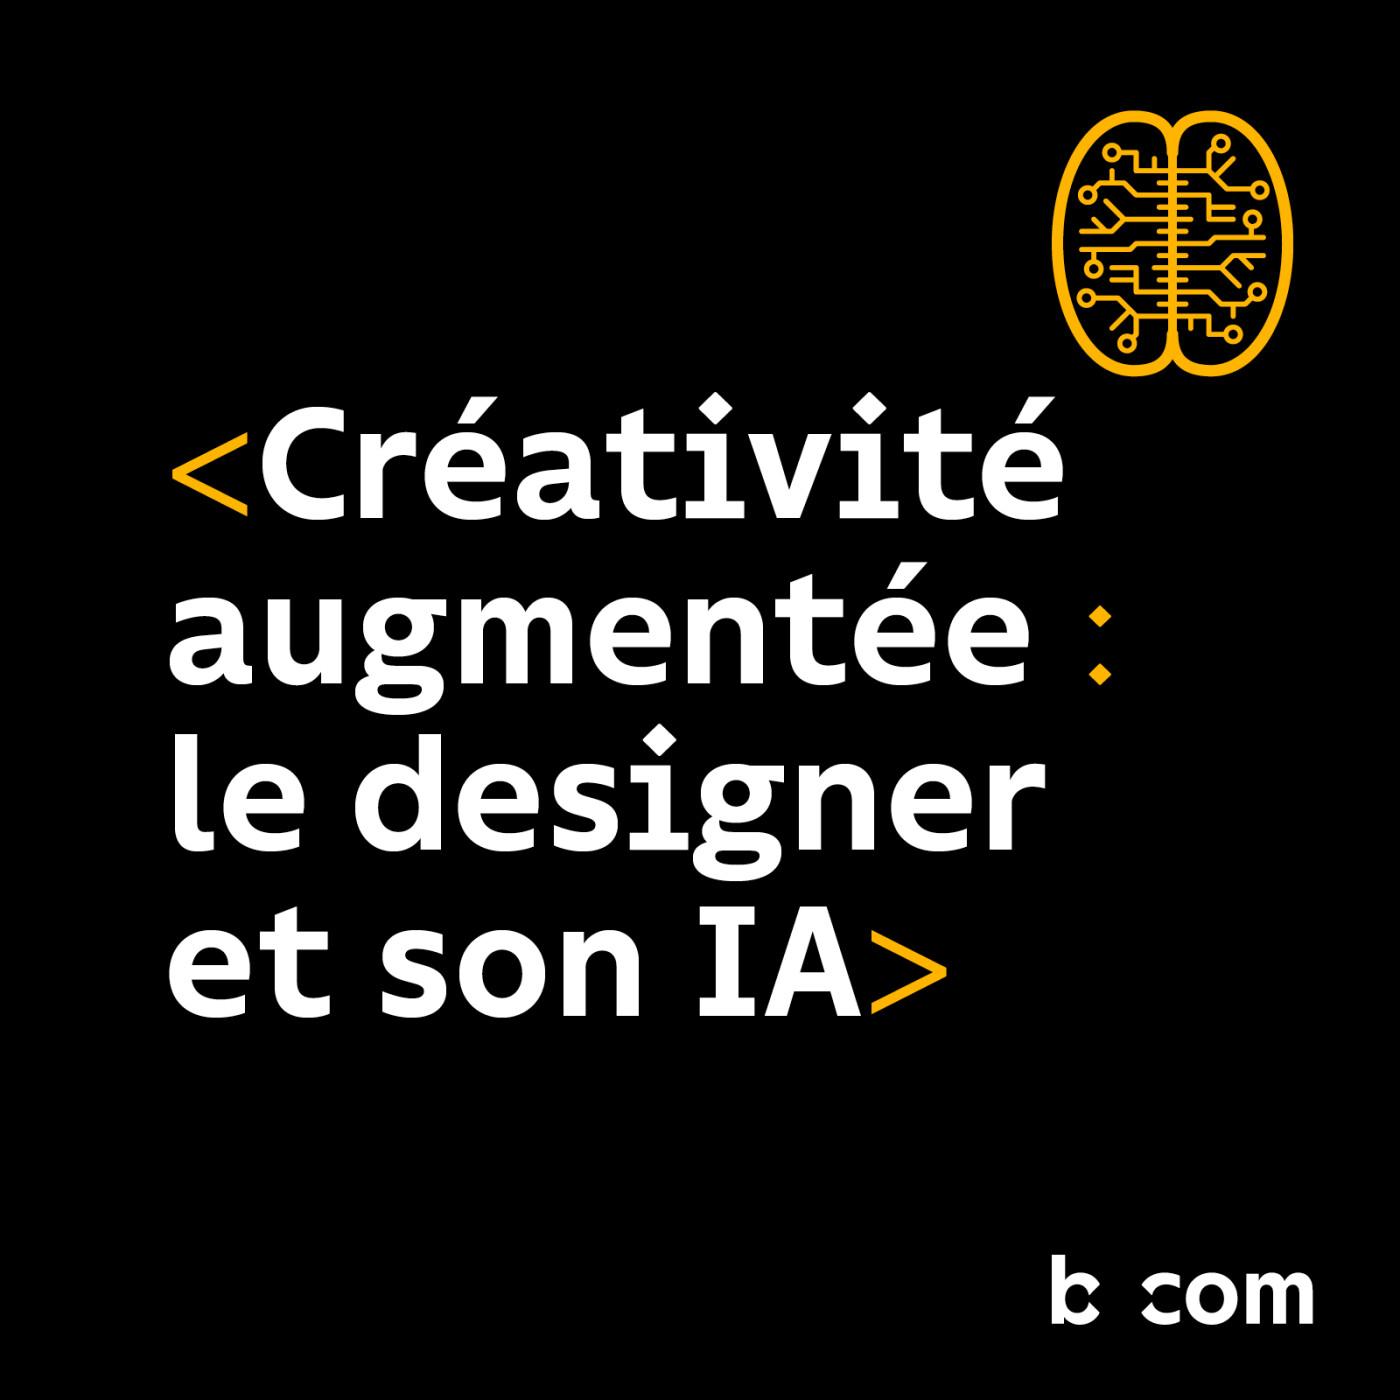 Créativité augmentée: le designer et son IA